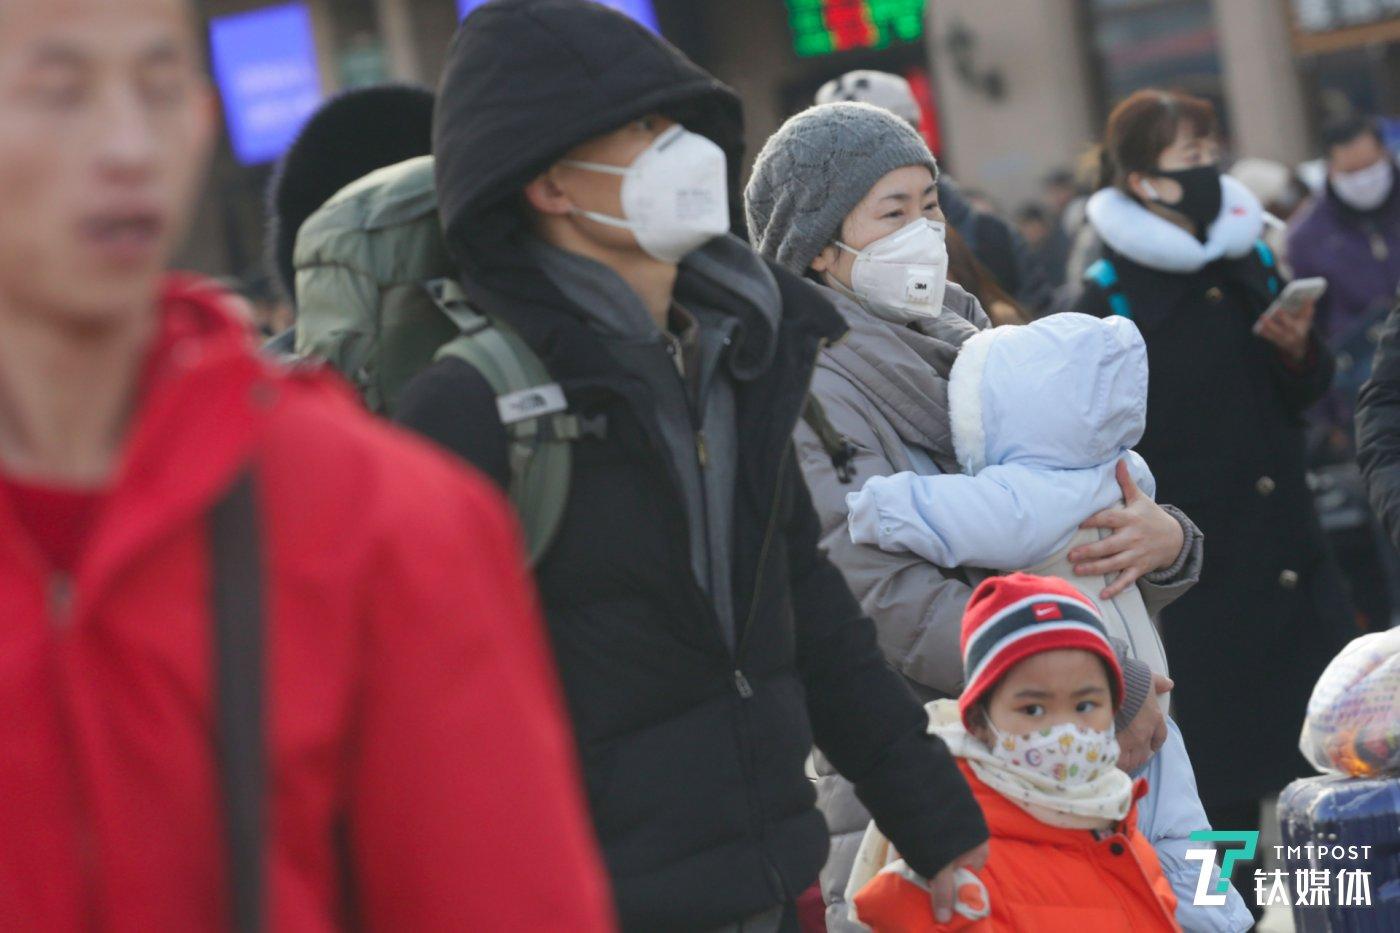 1月21日8:47,北京火车站,赶路的旅客。(图/钛媒体 孙林徽)